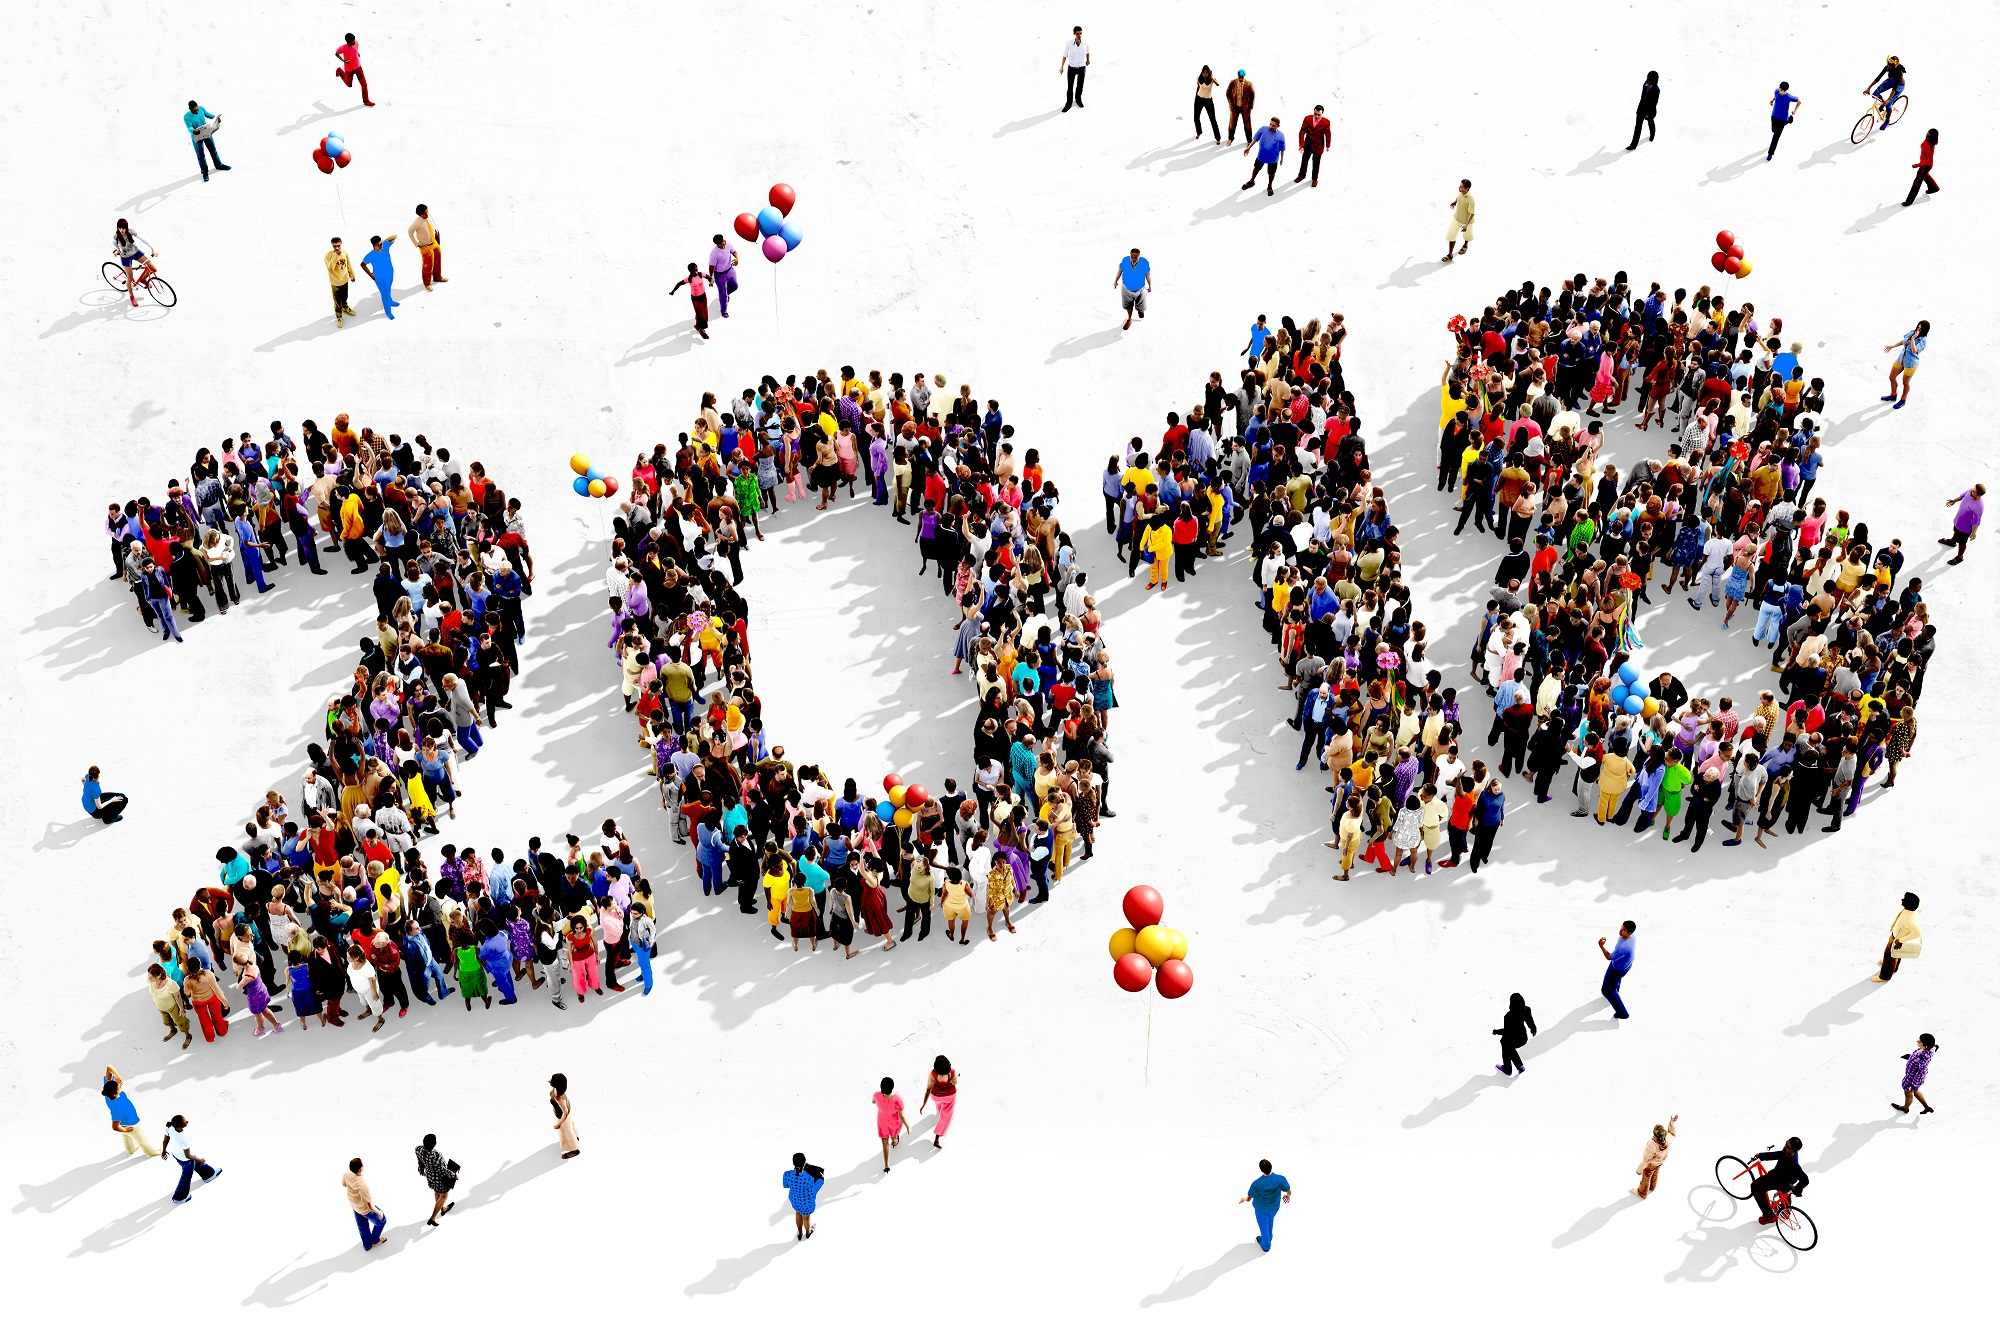 Календарь праздников России 2018. Источник фото: Shutterstock